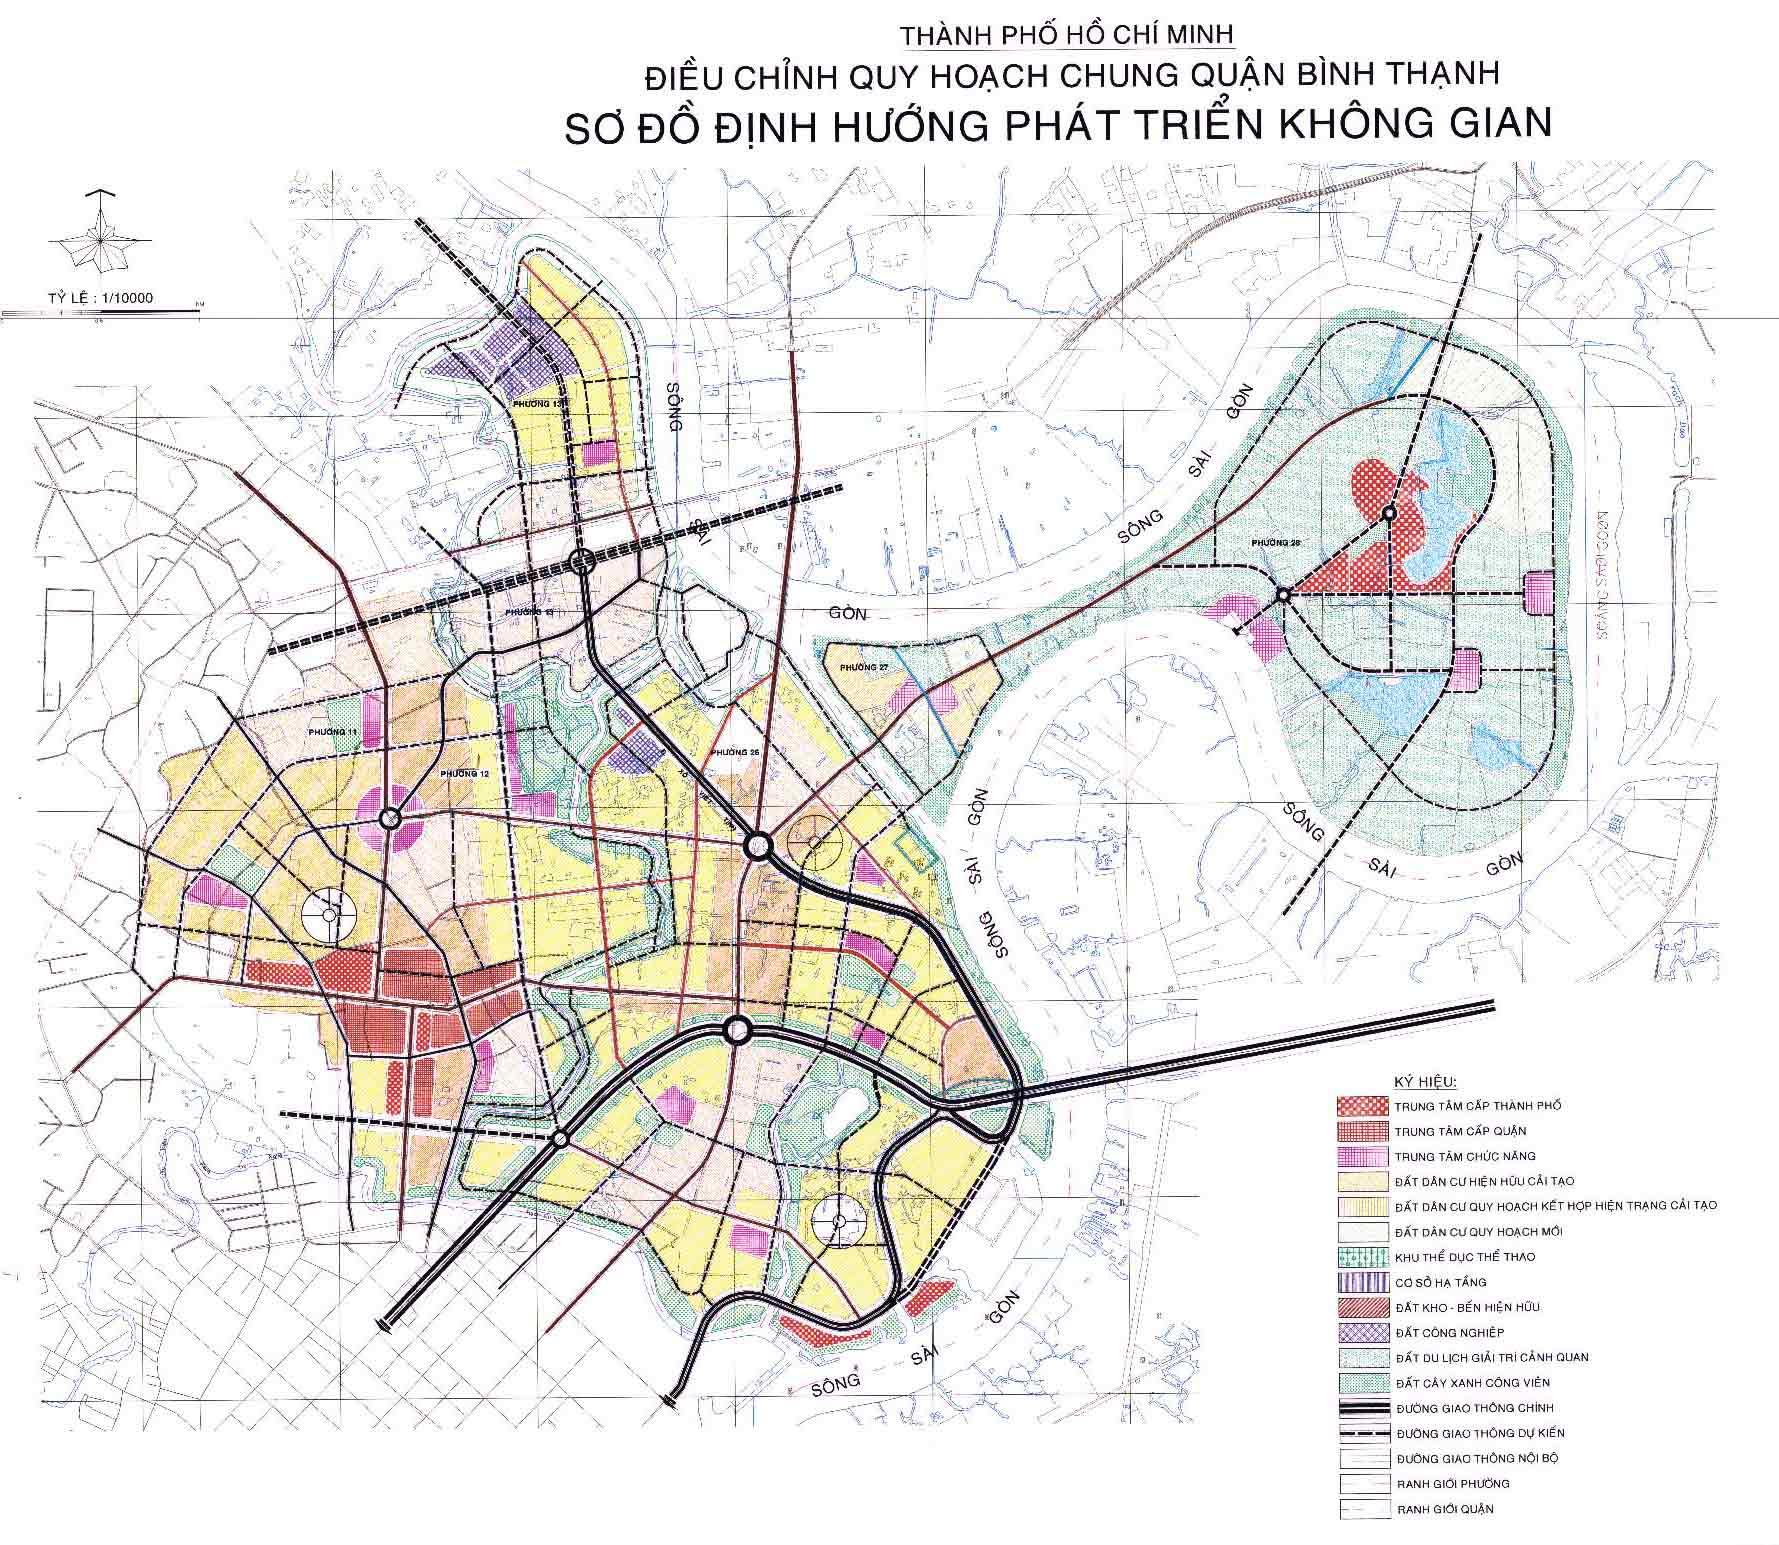 Bản đồ quy hoạch, các phường và dự án tại quận Bình Thạnh